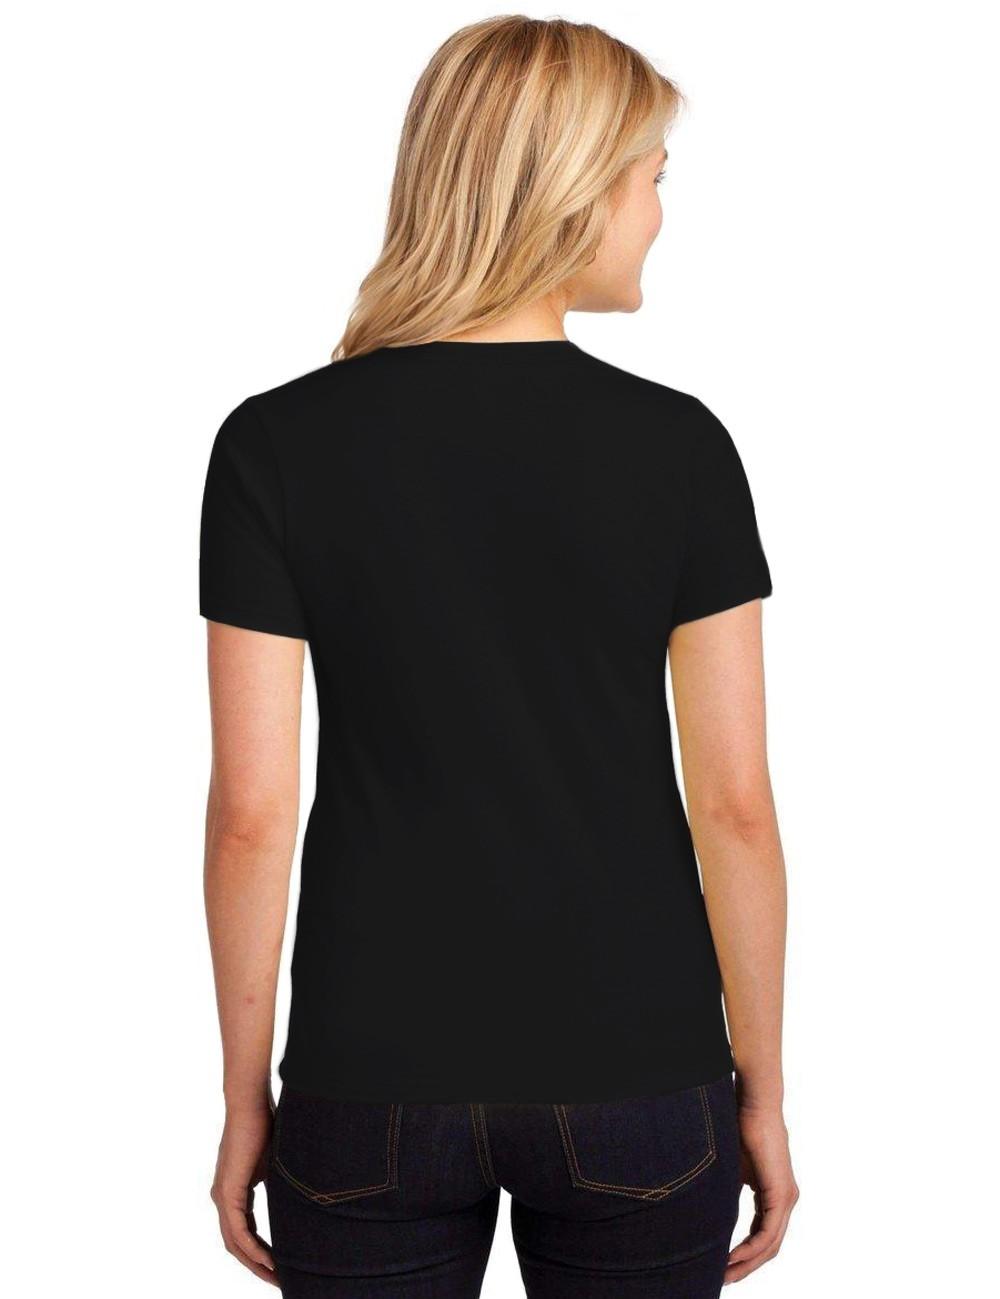 Camiseta Feminina T-Shirt Procurando Sua Opinião ER_101